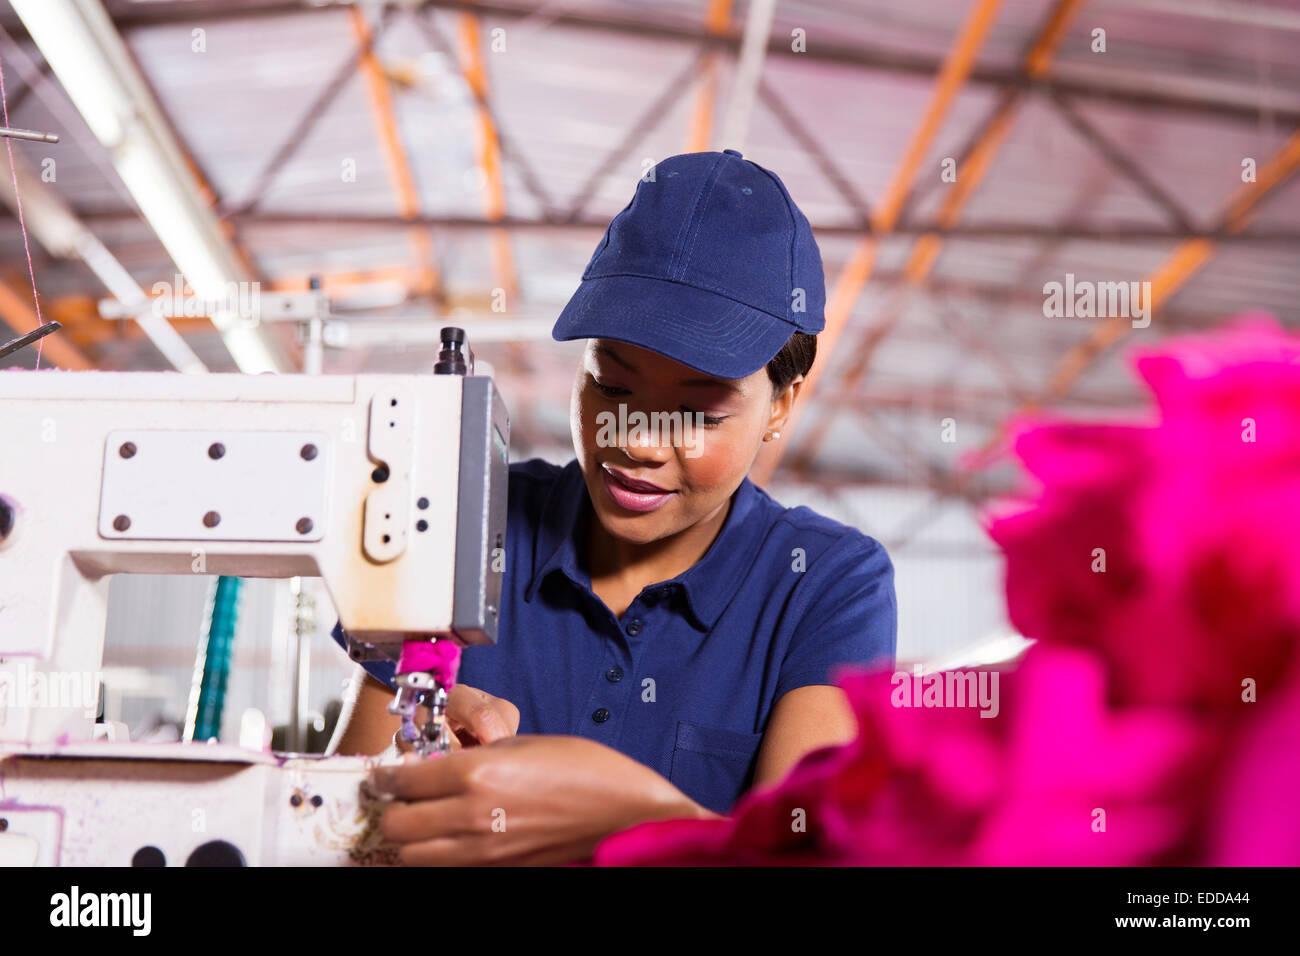 Piuttosto giovane lavoratore africana la cucitura in fabbrica di abbigliamento Immagini Stock